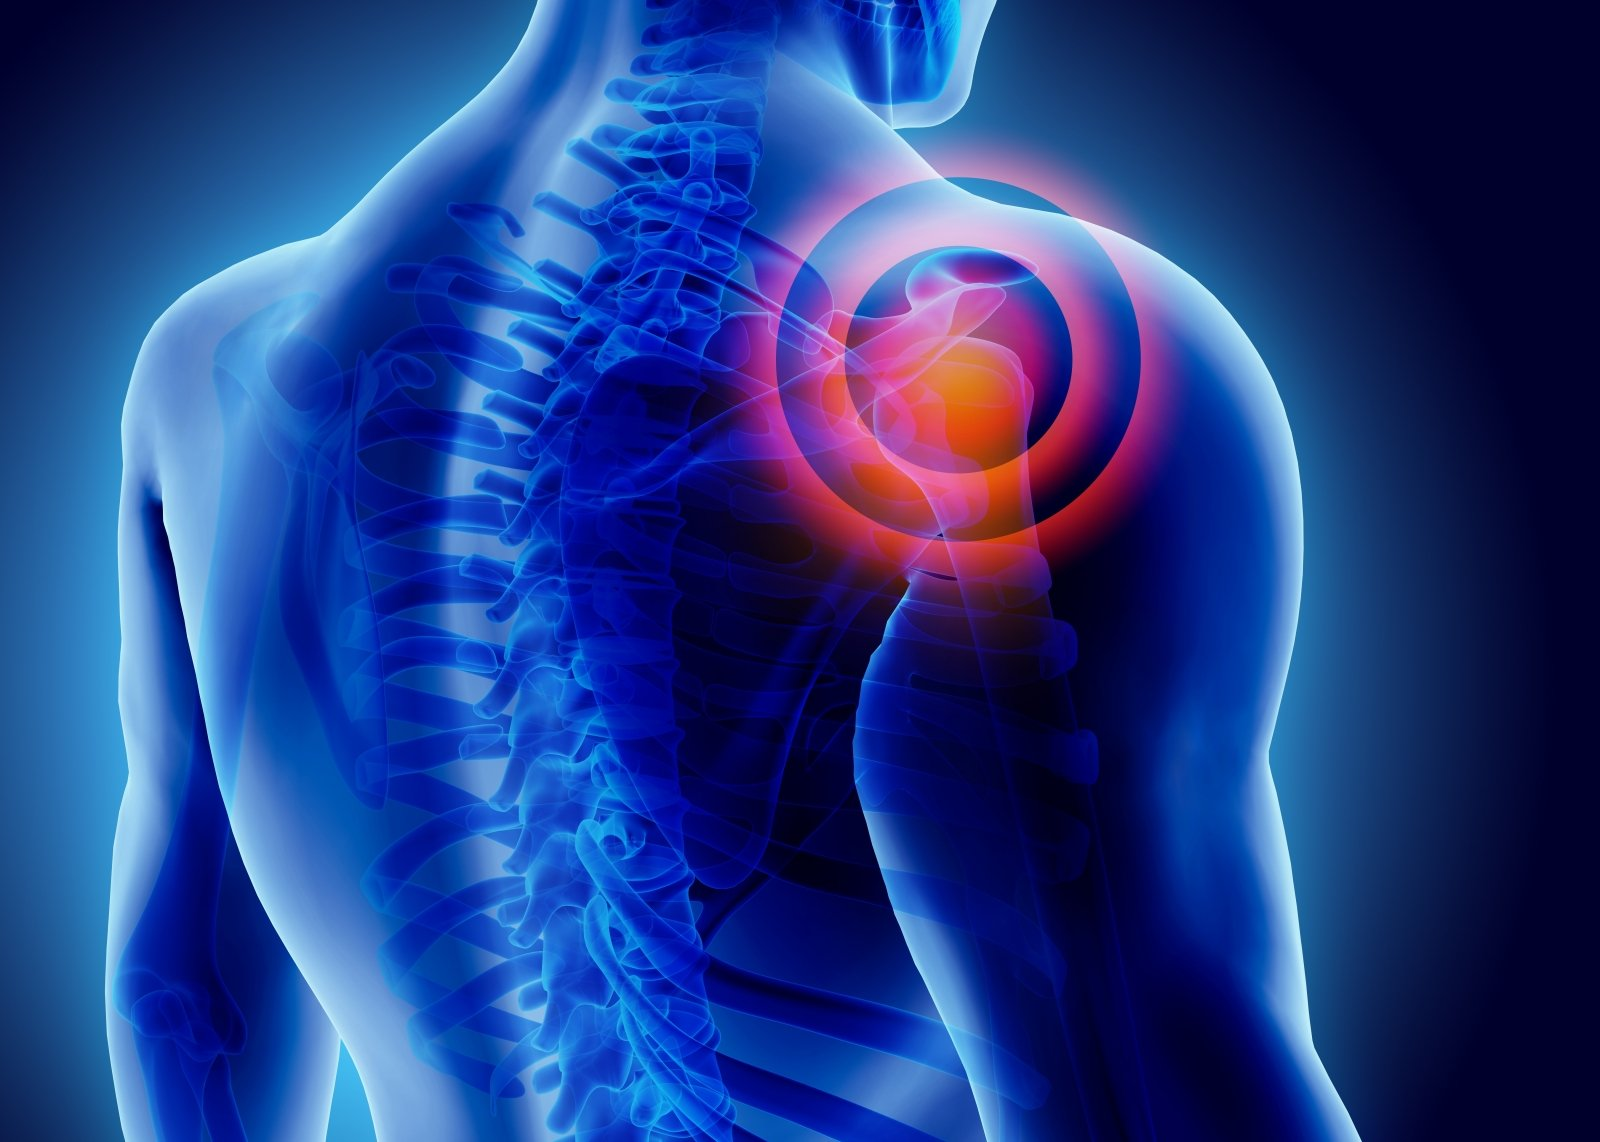 sąnarių skausmas gydymo homeopatija artrozė peties sustav kas tai yra